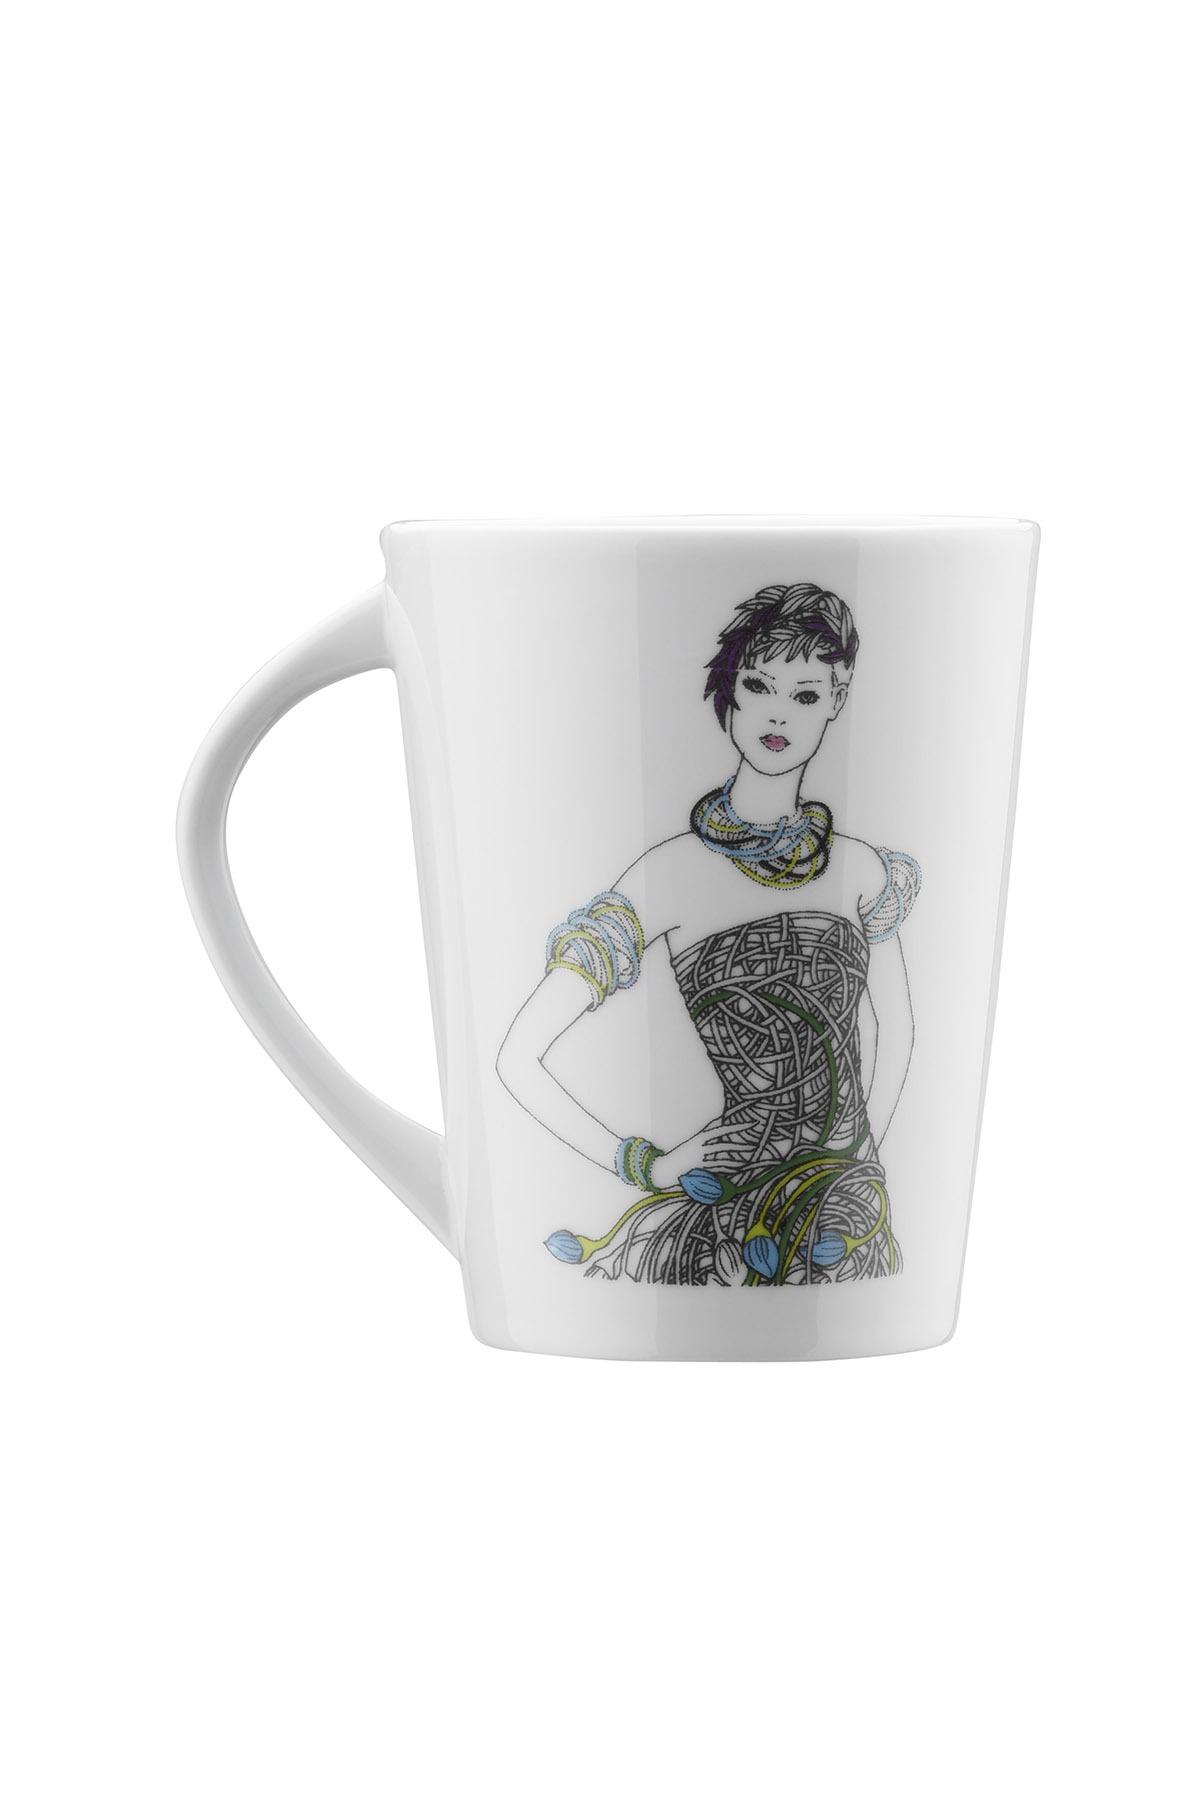 Kütahya Porselen - Kütahya Porselen Kadınlarım Serisi 9440 DesenMug Bardak